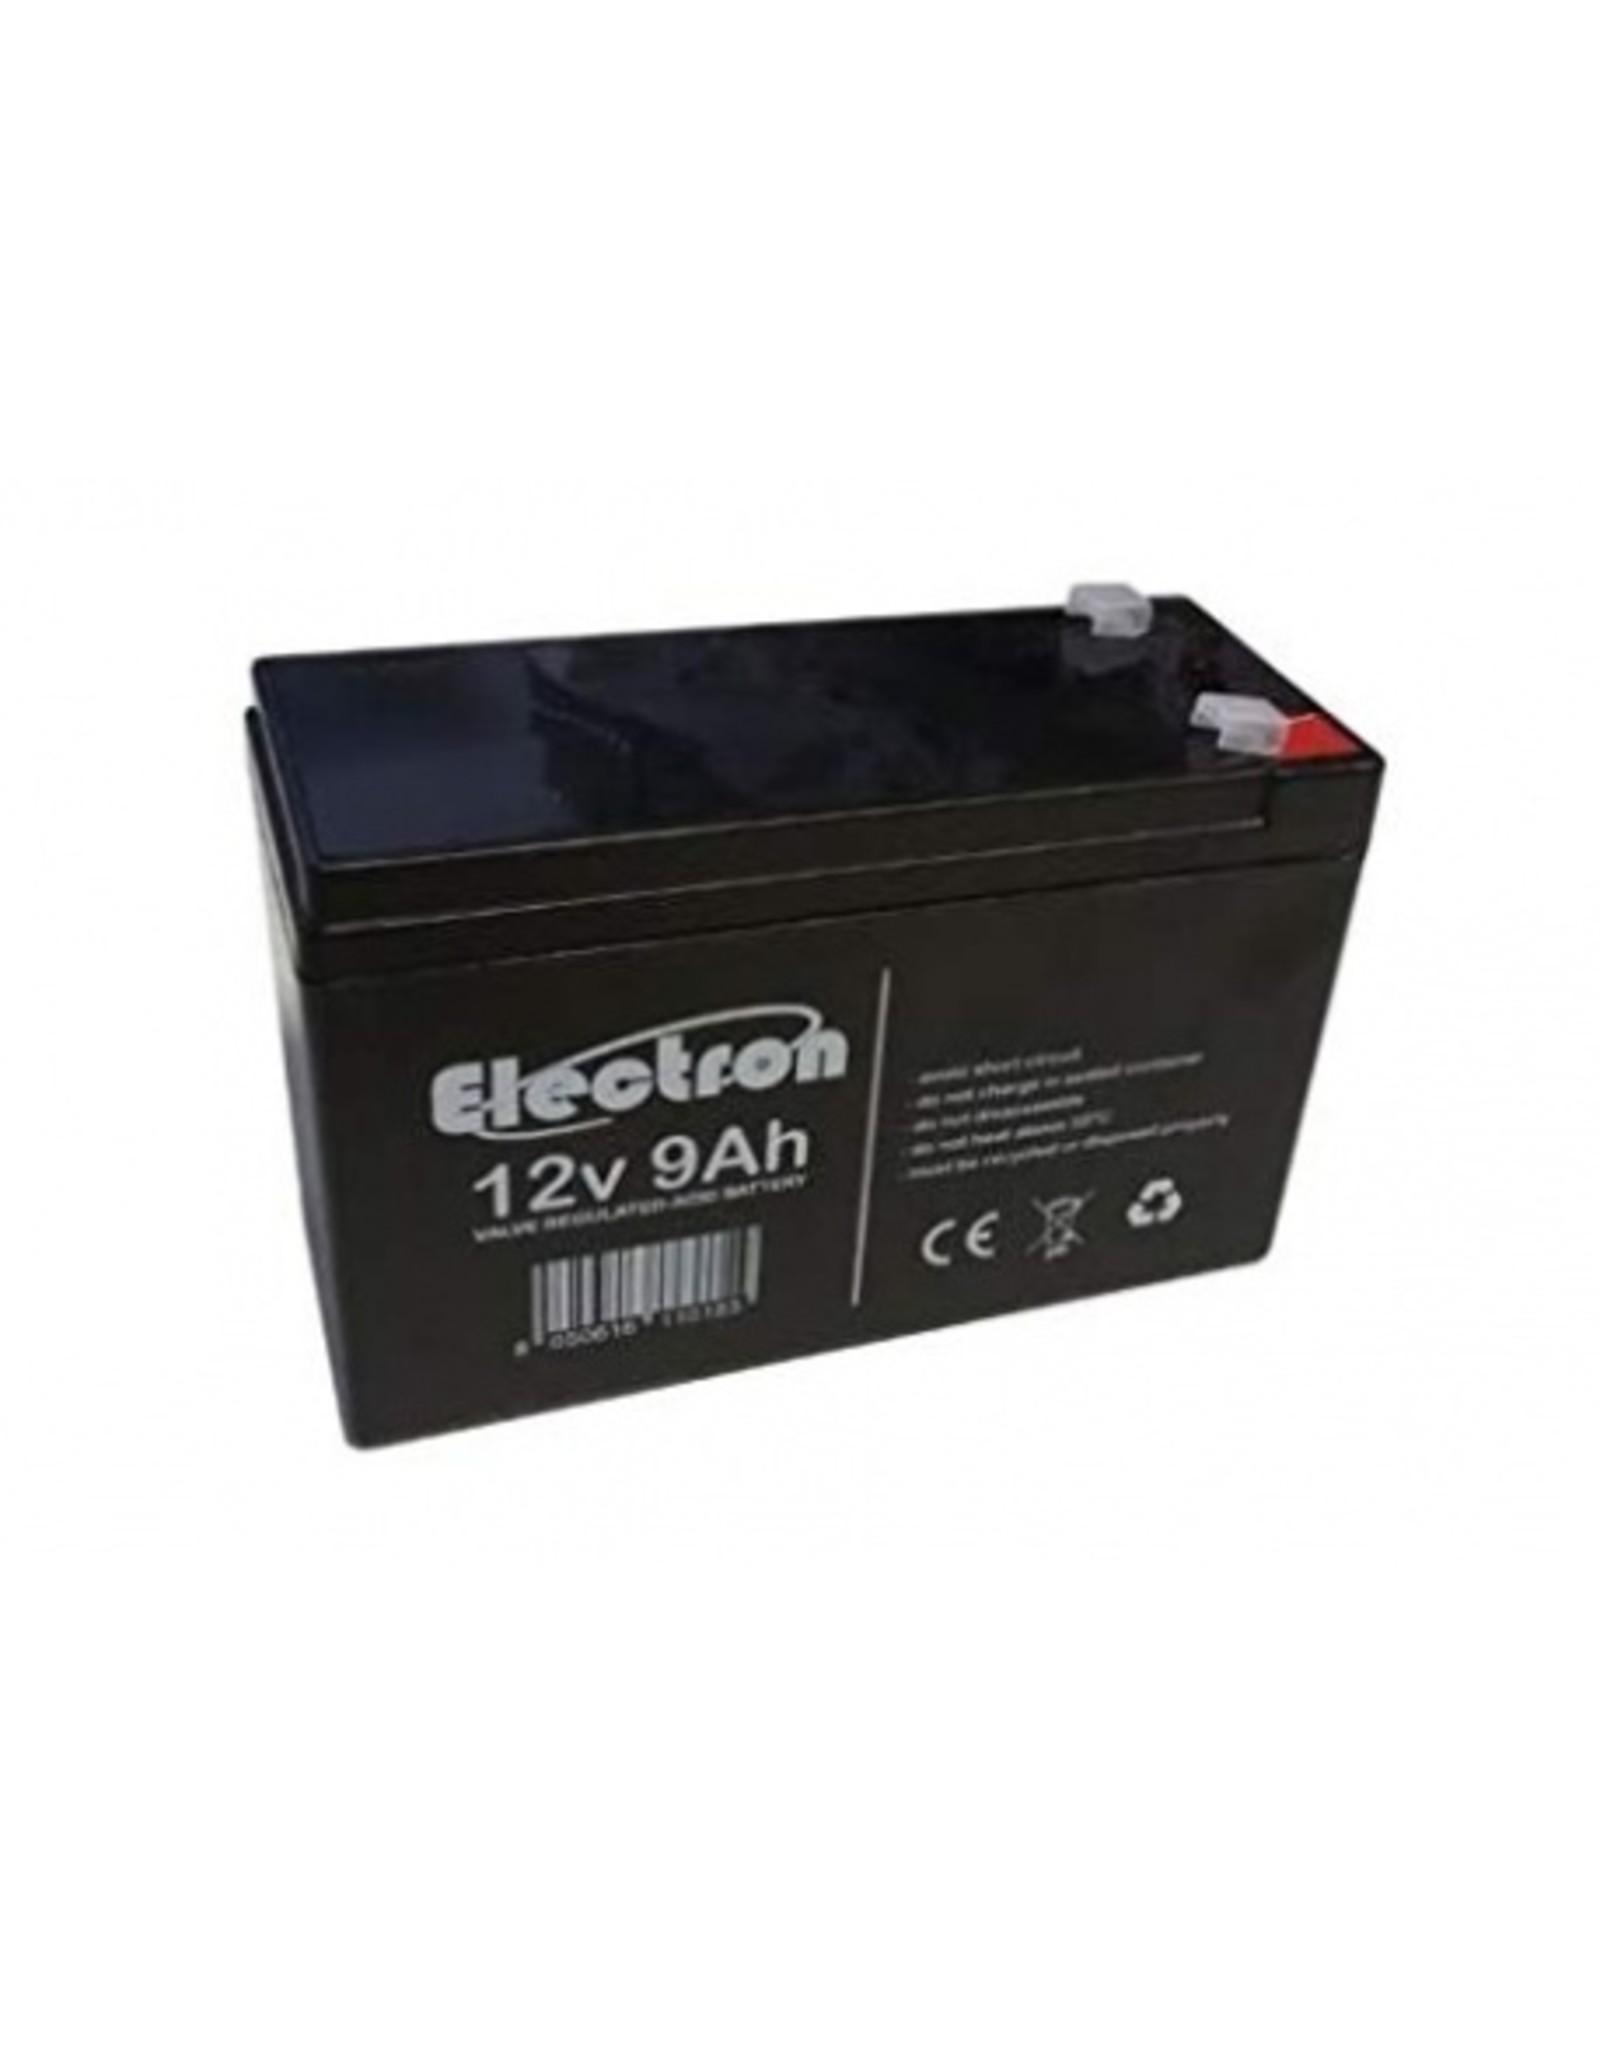 Electron Electron accu 12V 9AH